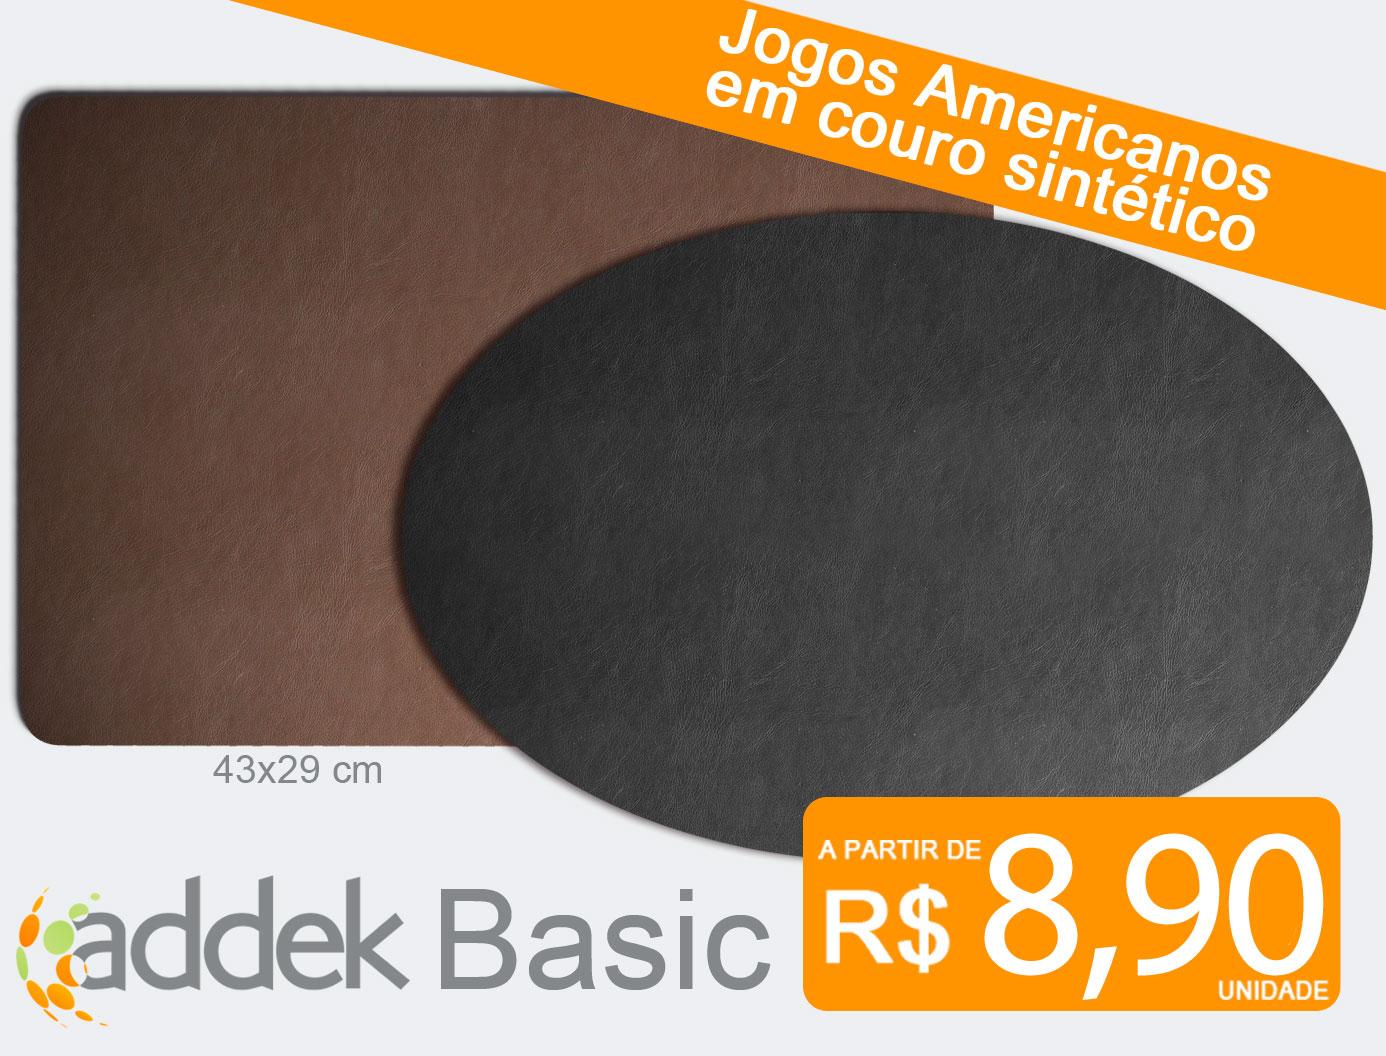 Addek-Basic-Jogo-Americano-8,90